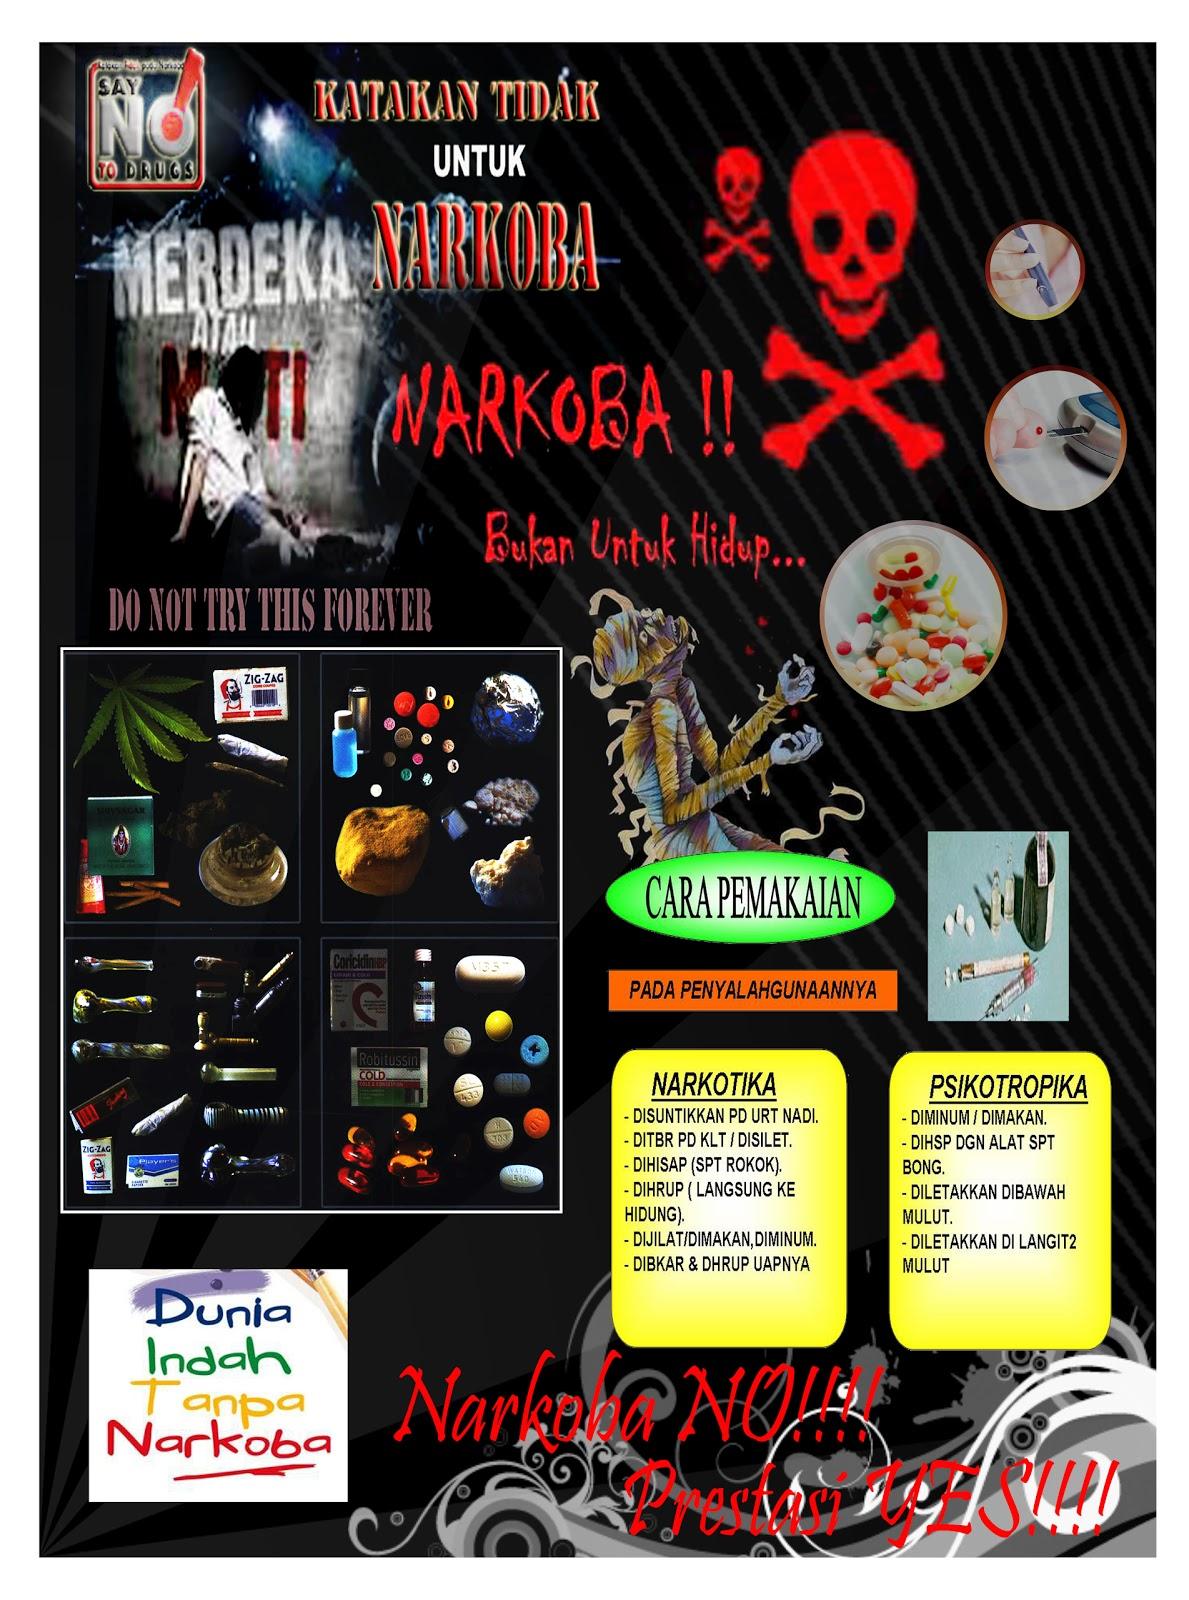 Contoh Poster Narkoba